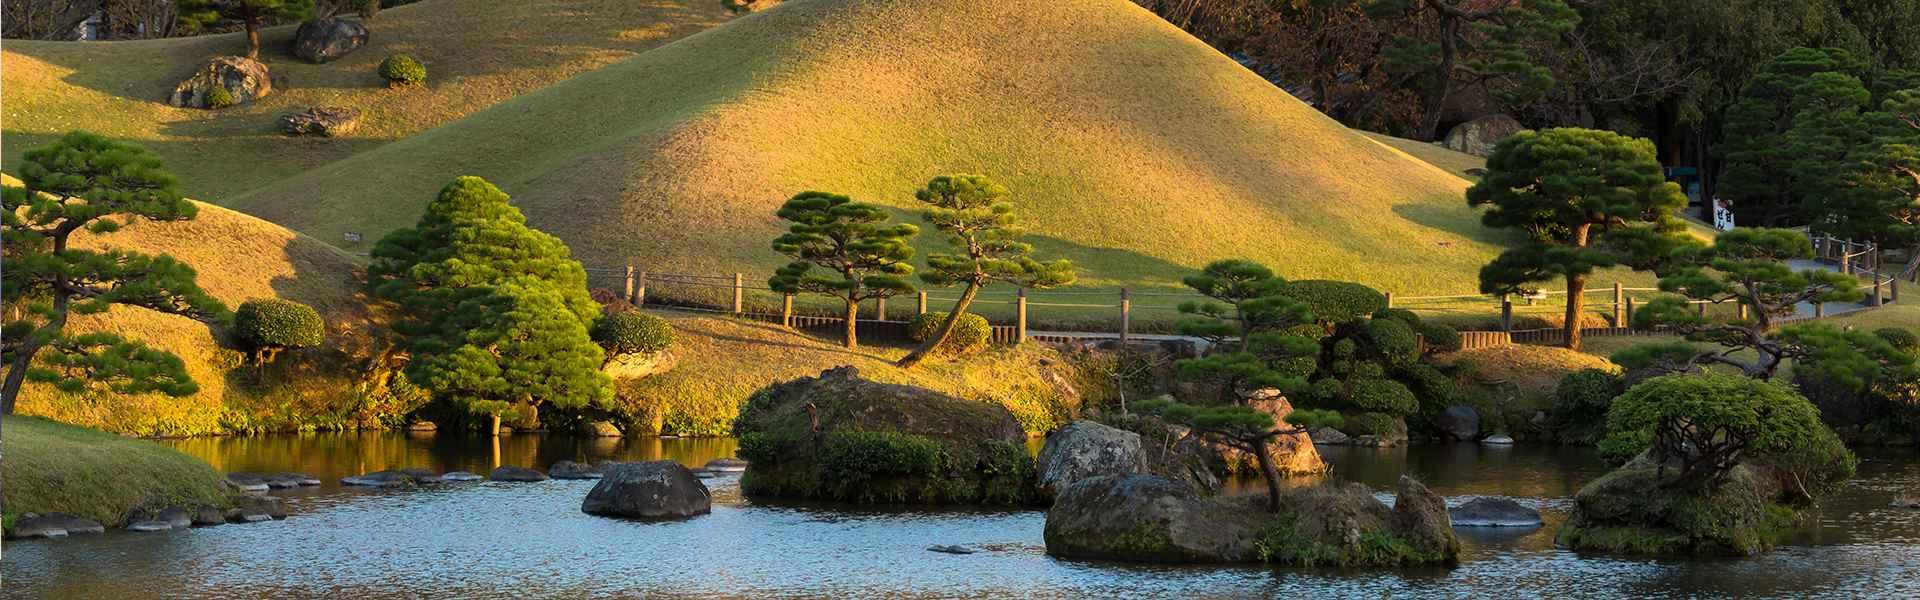 kumamoto japon